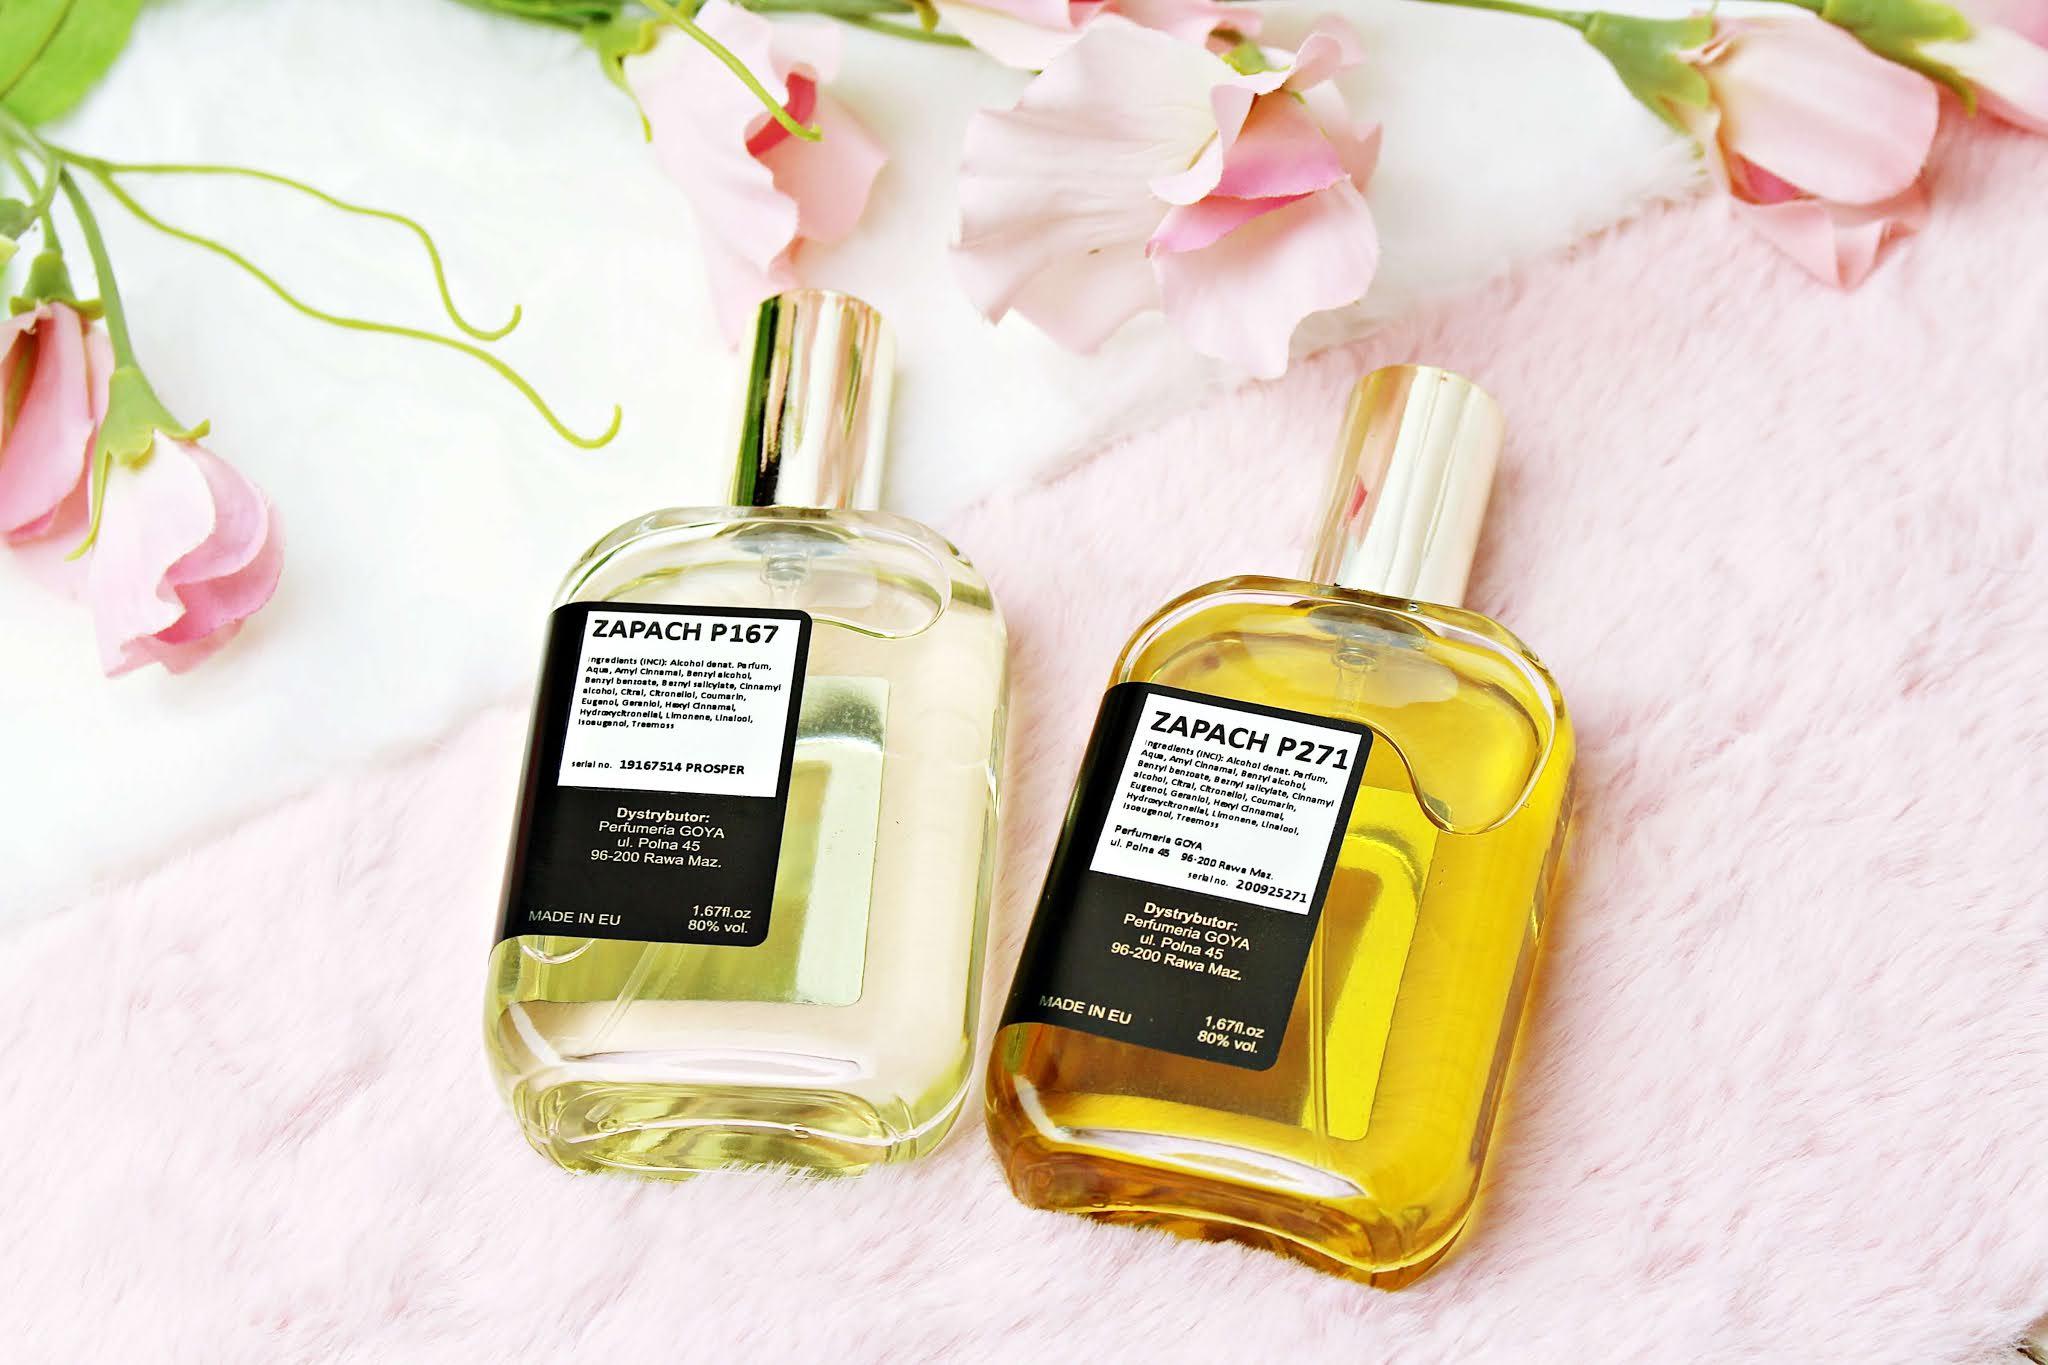 Inspirowane perfumy Goya zamienniki perfum